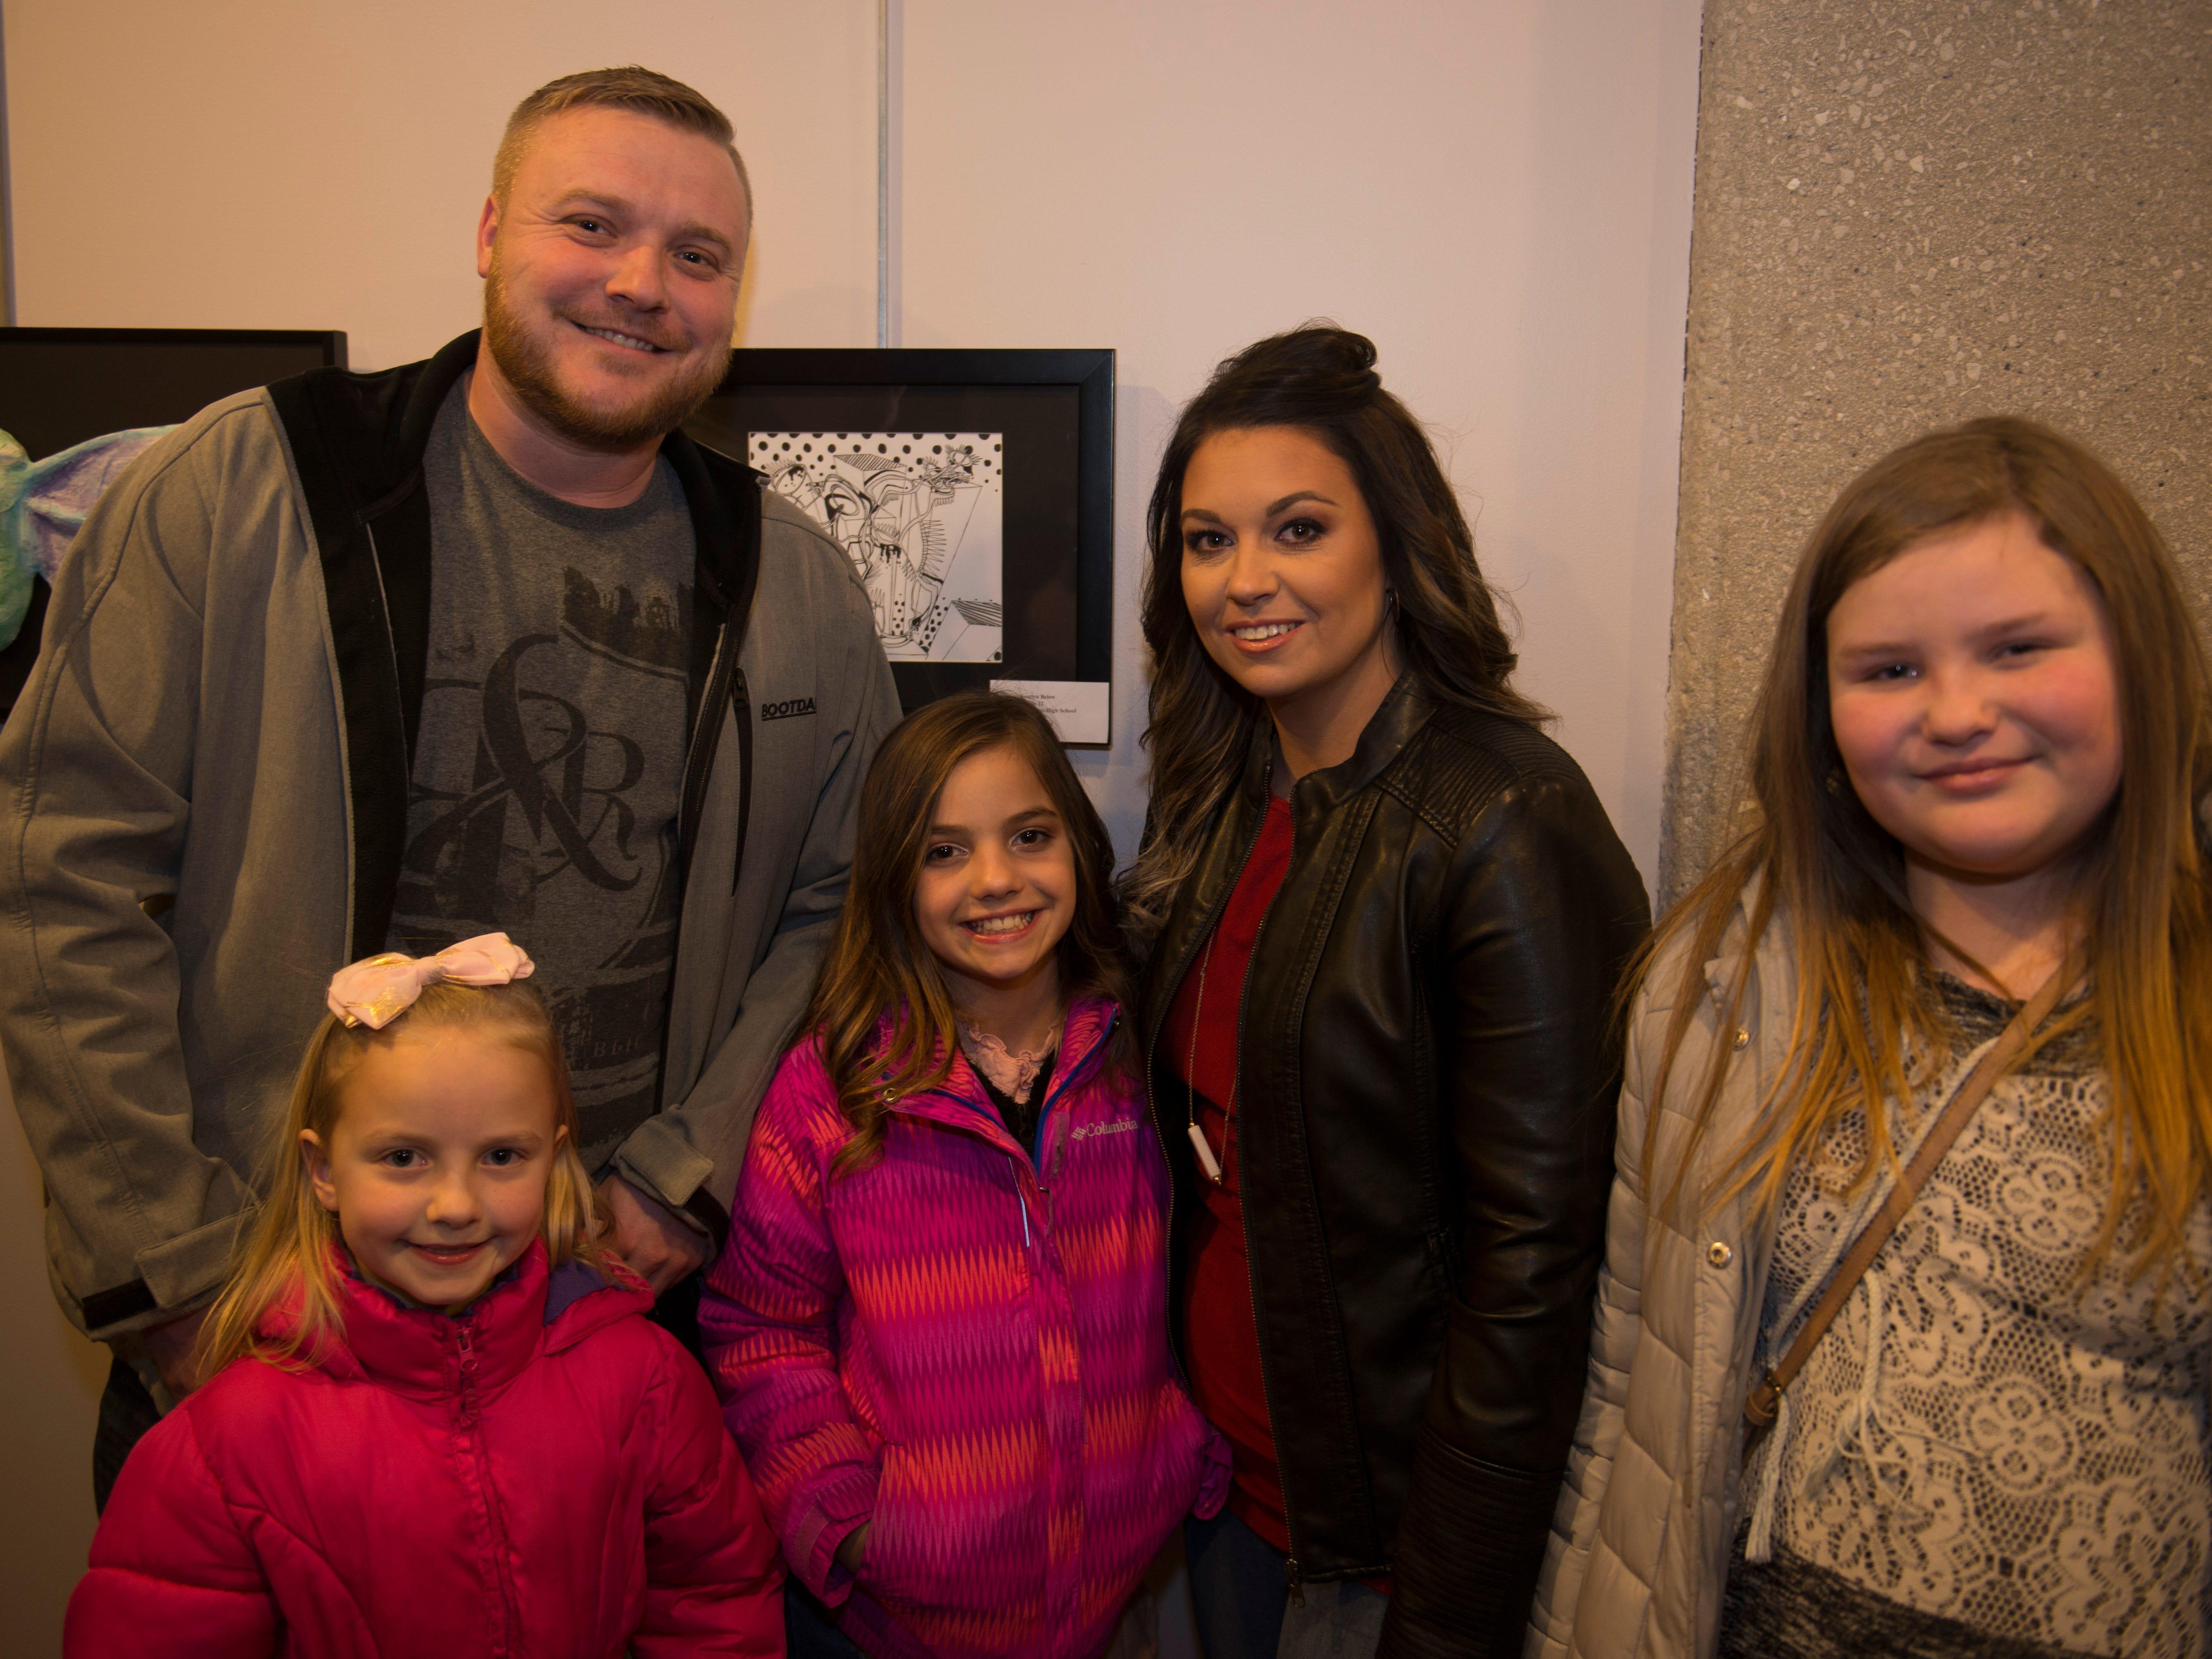 Bella, Tiffany, Izzy, Laney, Cody